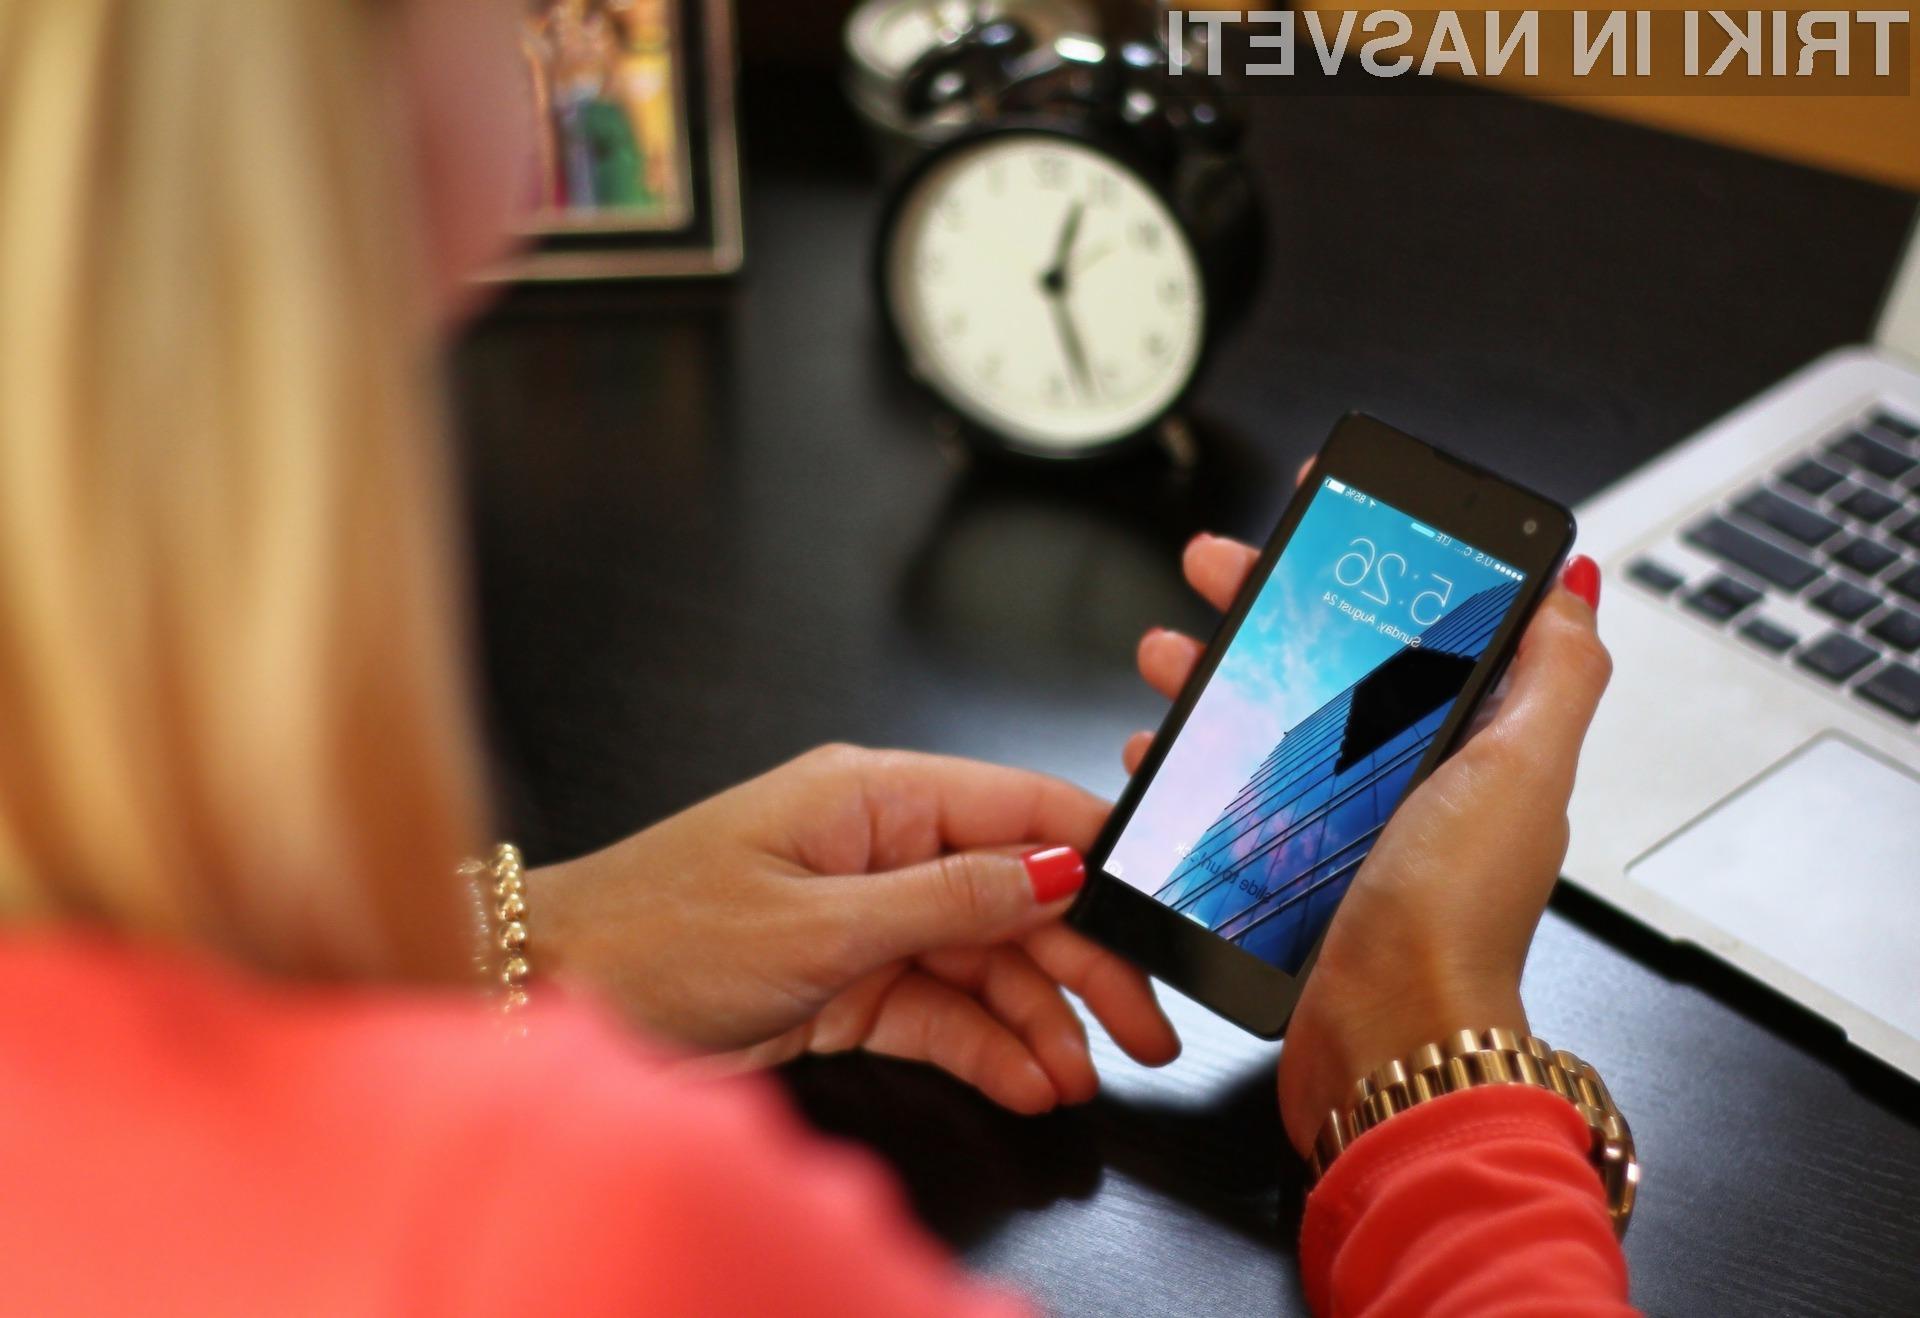 https://www.racunalniske-novice.com/triki/povecajte-svojo-produktivnost-in-zaklenite-svoj-telefon-v-predal.html?RSS5ad56eed91d3cf606ff73cf6e636ae63